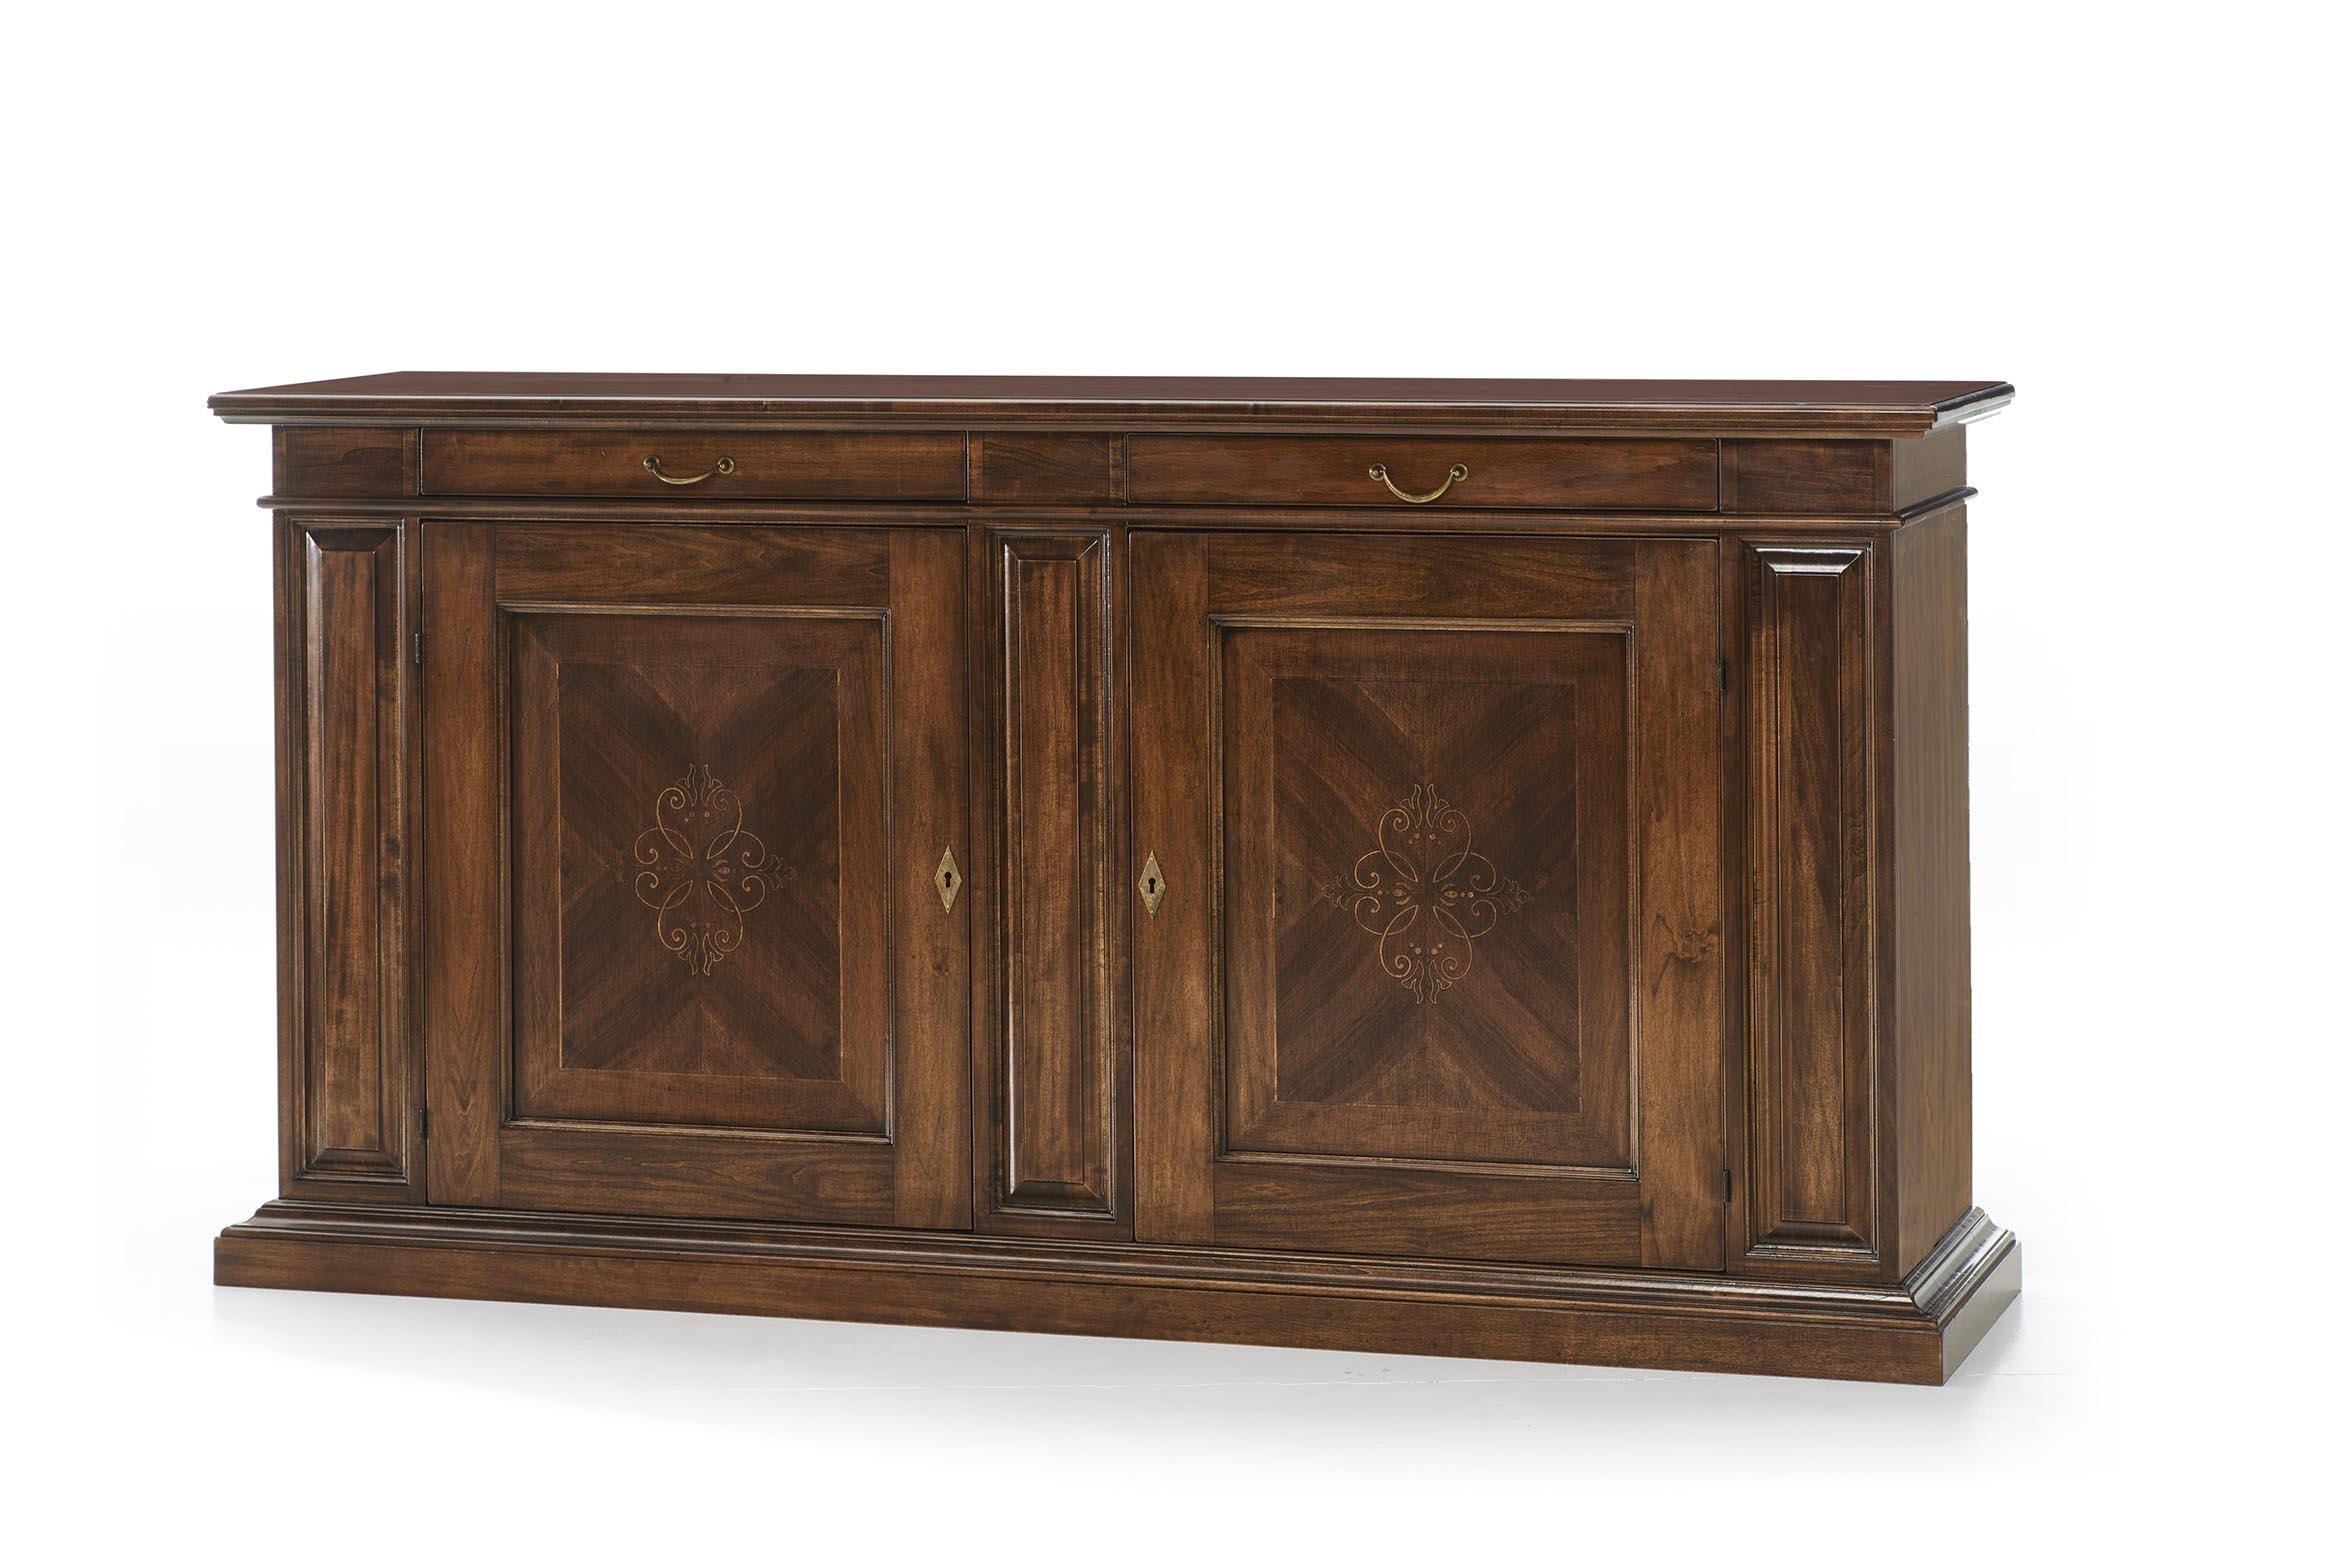 Credenza margherita in legno massello mobile artigianale - Mobile credenza ...